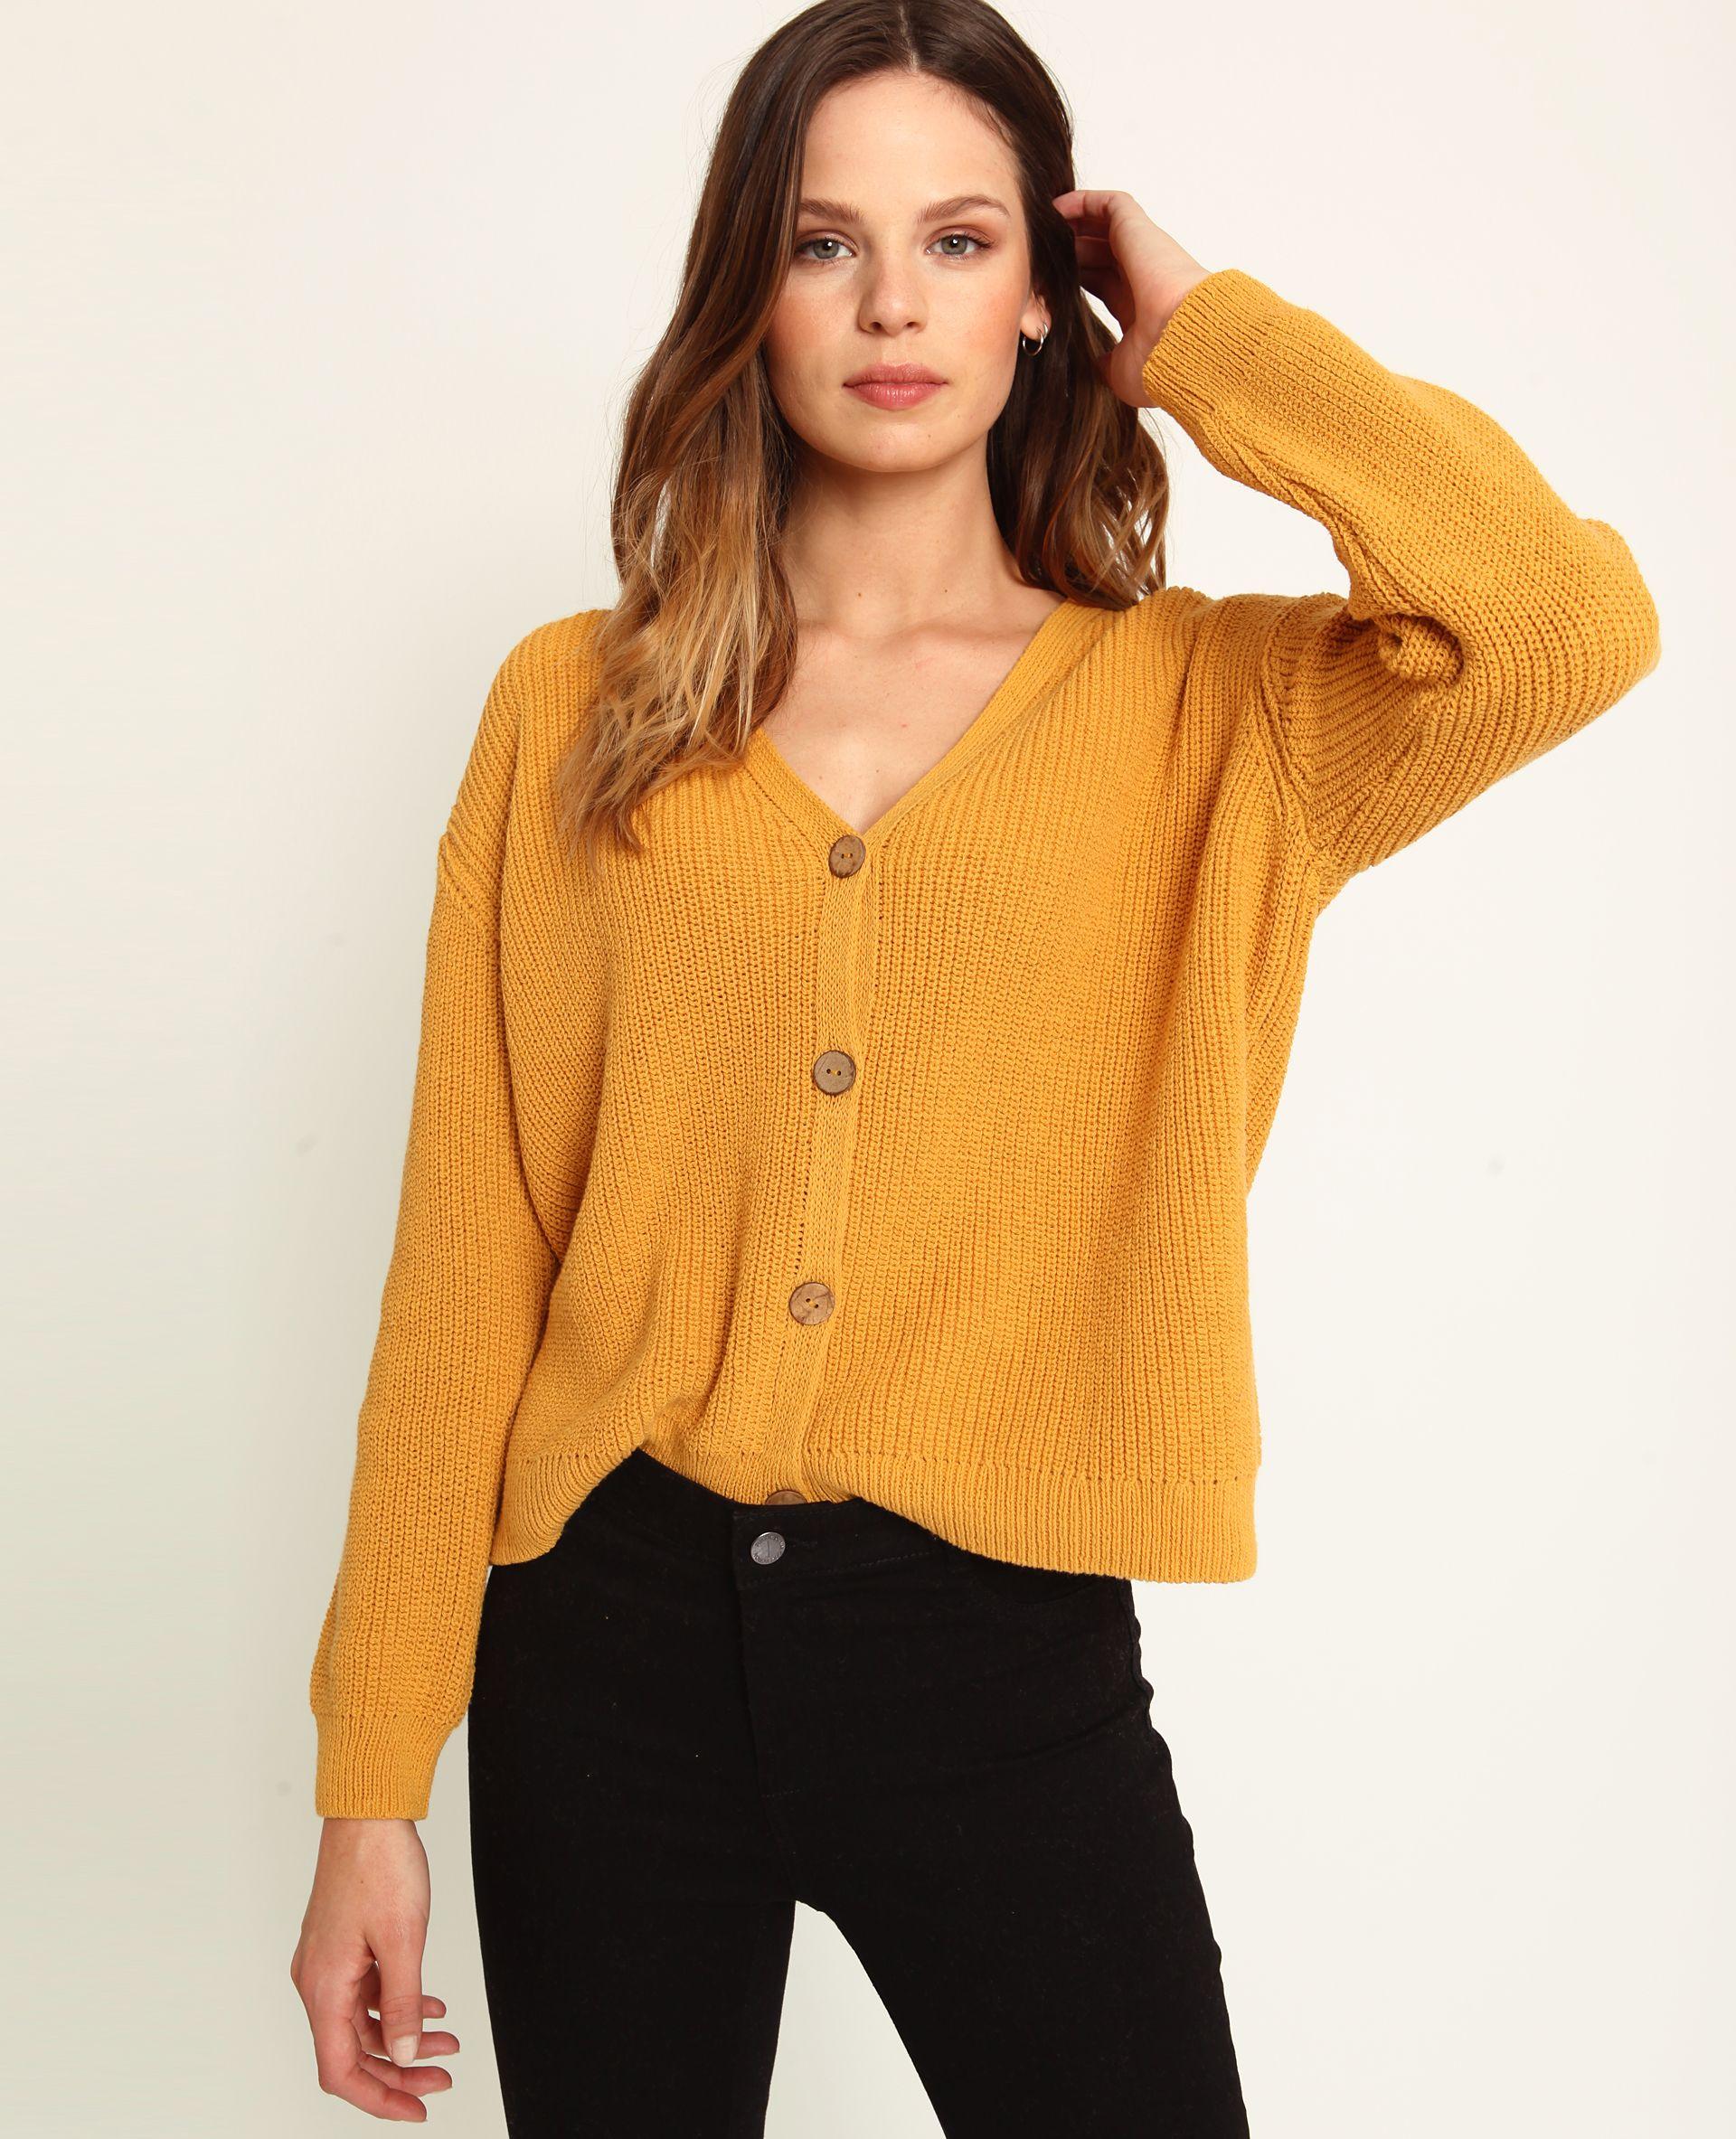 good out x super cute 100% quality Gilet à col V jaune - 407369026A00 | Pimkie | Vêtements ...